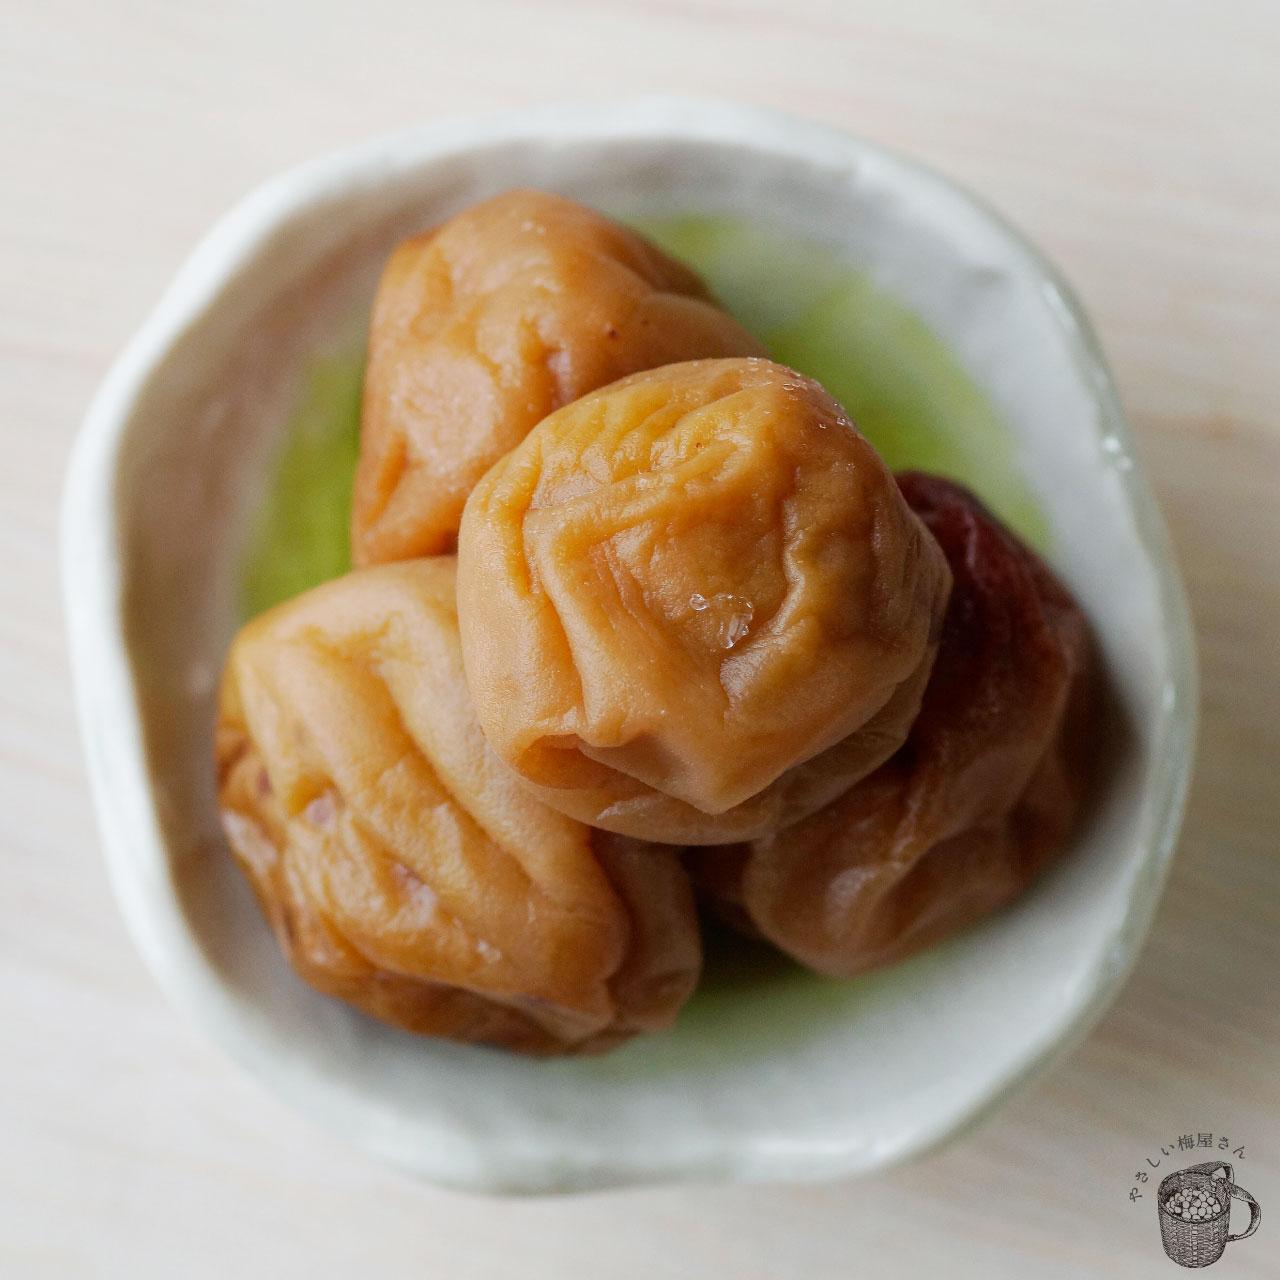 やさしい梅屋さんの無添加 有機うすしお味の梅干し(低塩梅干し塩分13%)100g